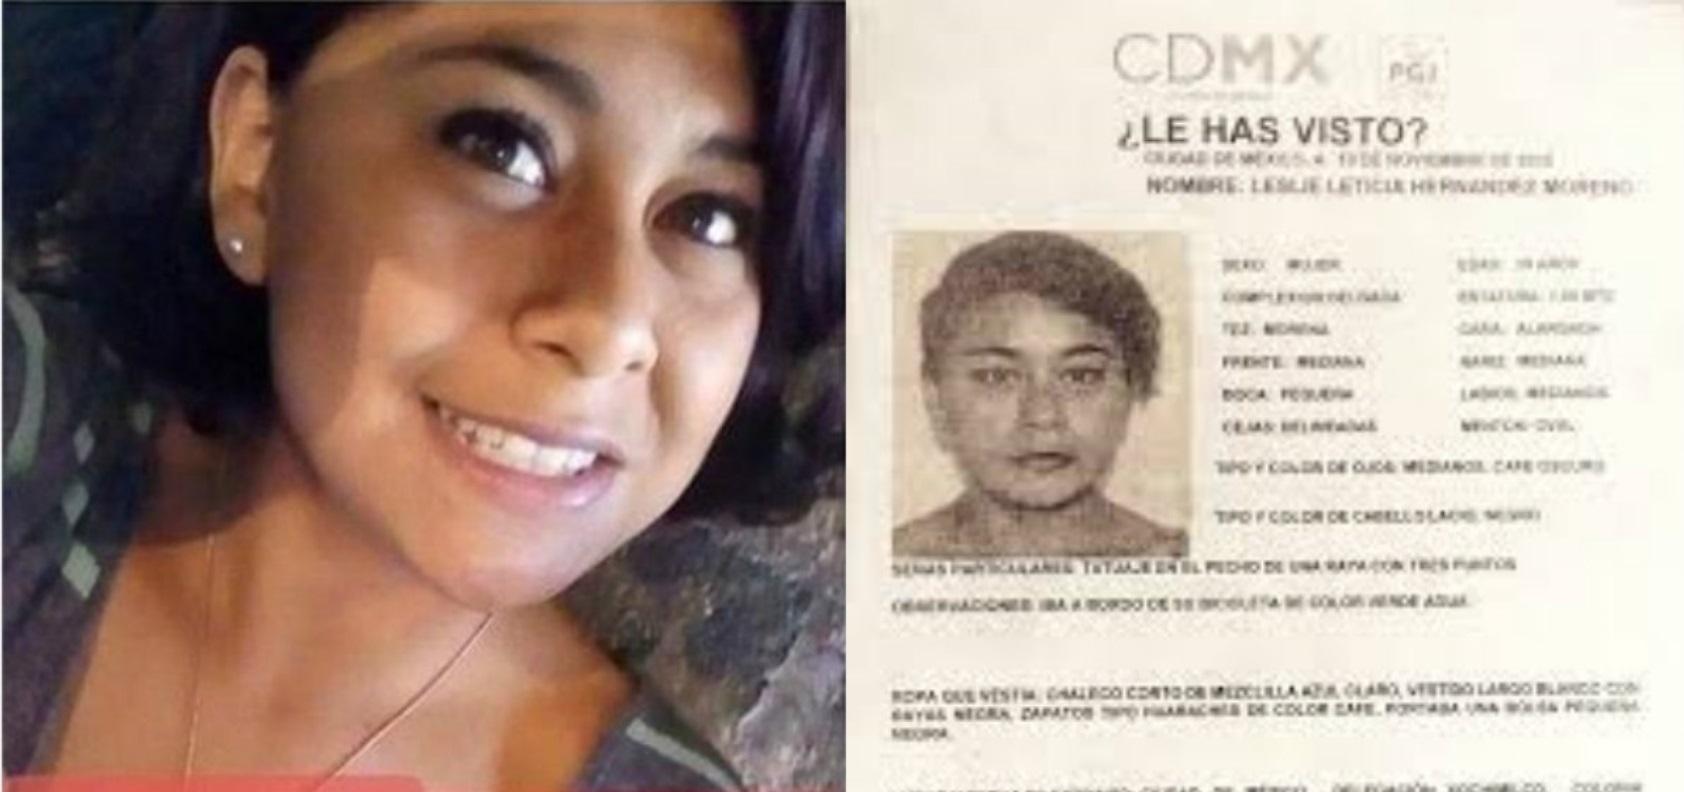 Leslye, quien tenía 18 años, fue hallada asesinada este jueves en un paraje de Xochimilco, la Universidad Autónoma de la Ciudad de México condenó el hecho y exigió su esclarecimiento